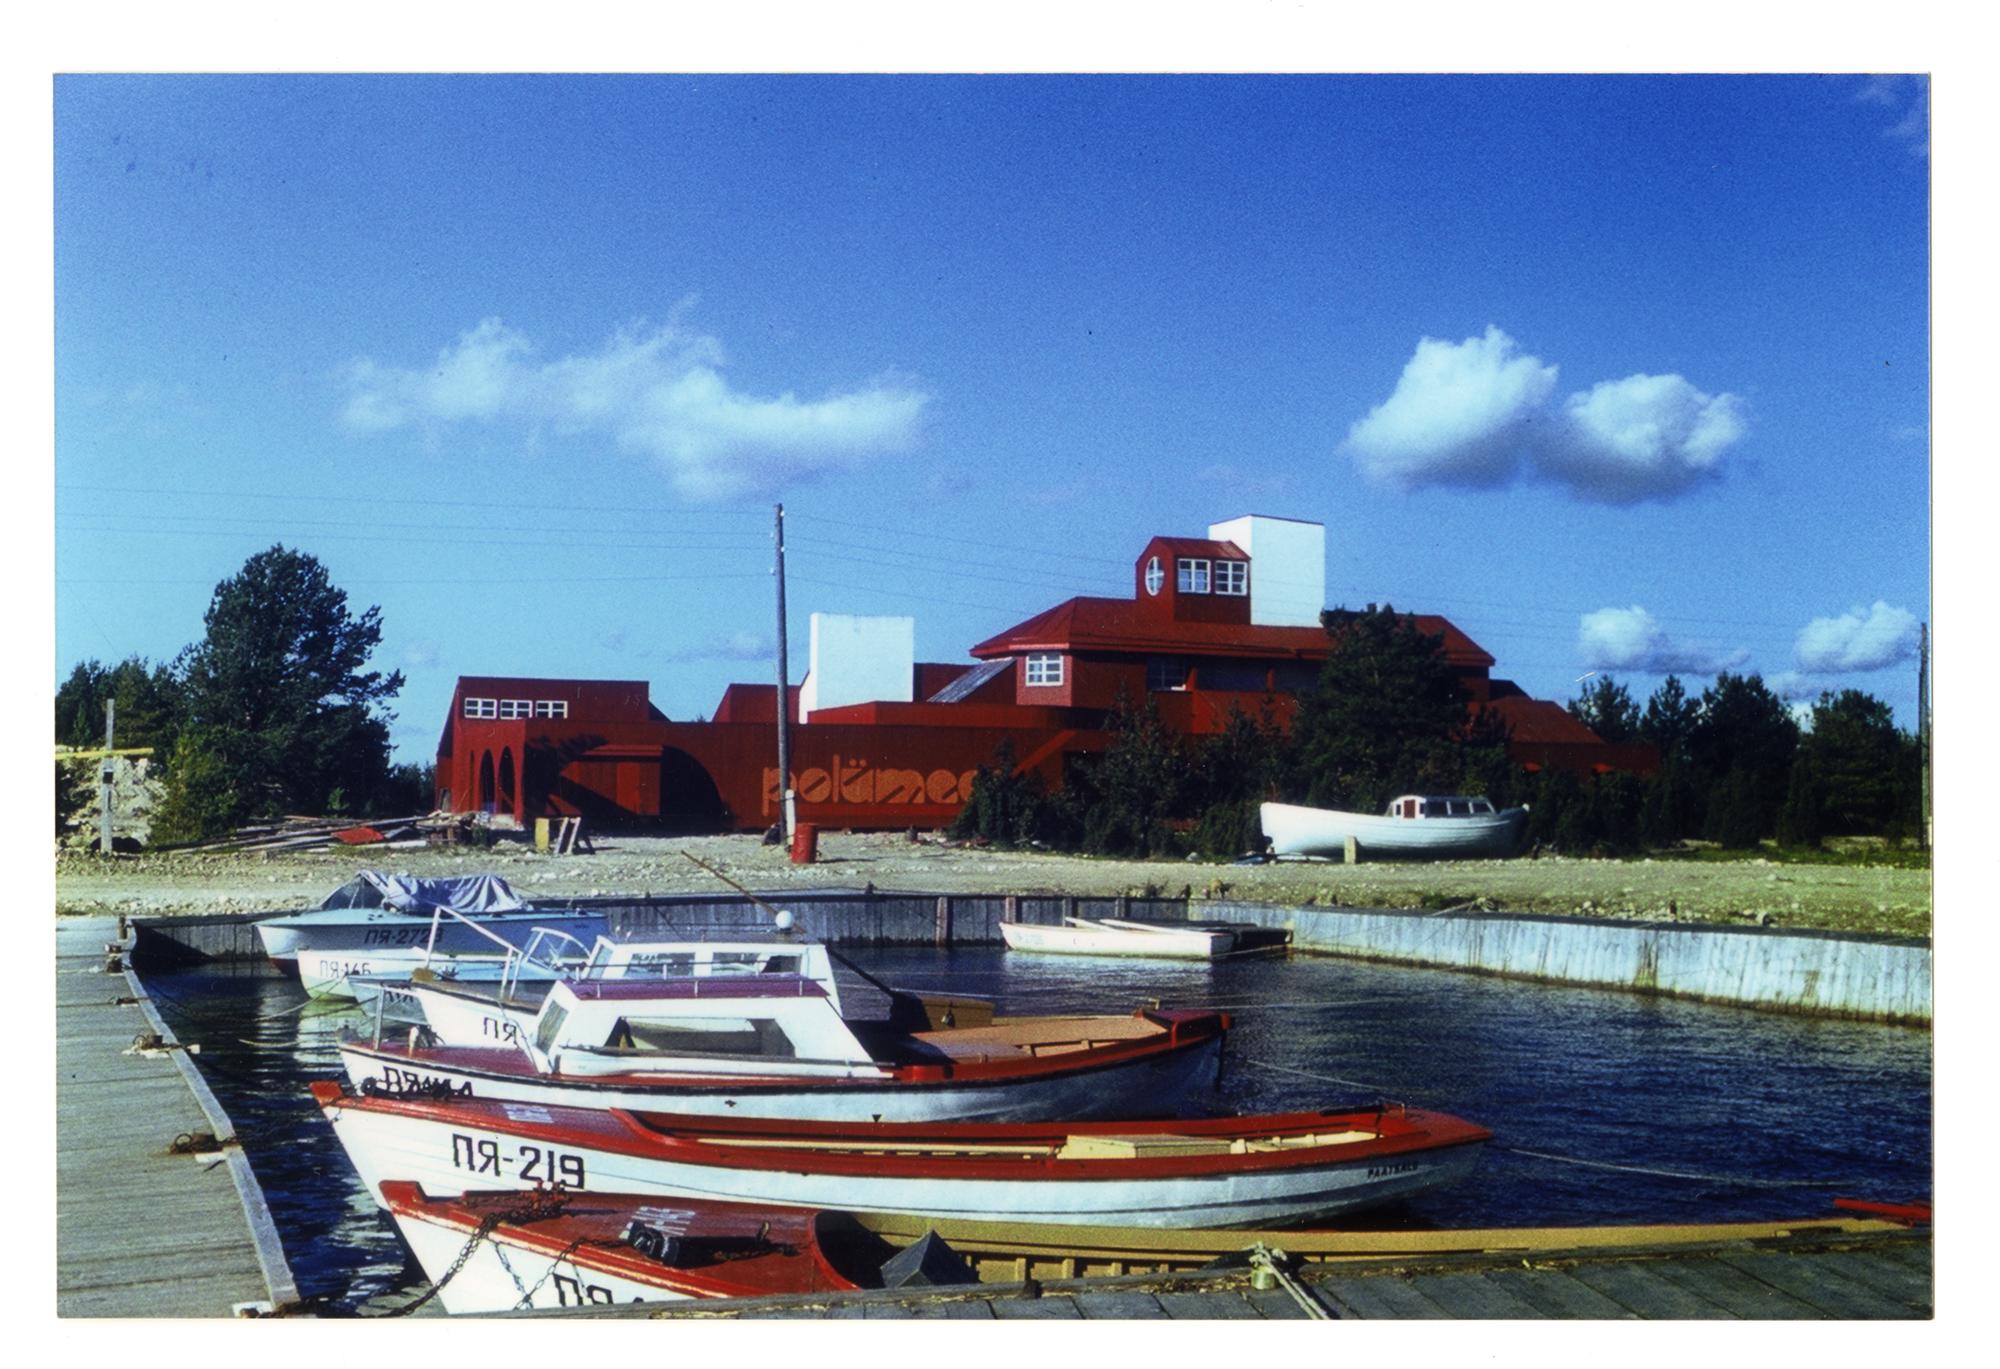 Polümeeri puhkebaas Paatsalus. Arhitekt Toomas Rein, sisearhitekt Juta Lember, 1976–1979. Foto: Jüri Varus / Eesti Arhitektuurimuuseum